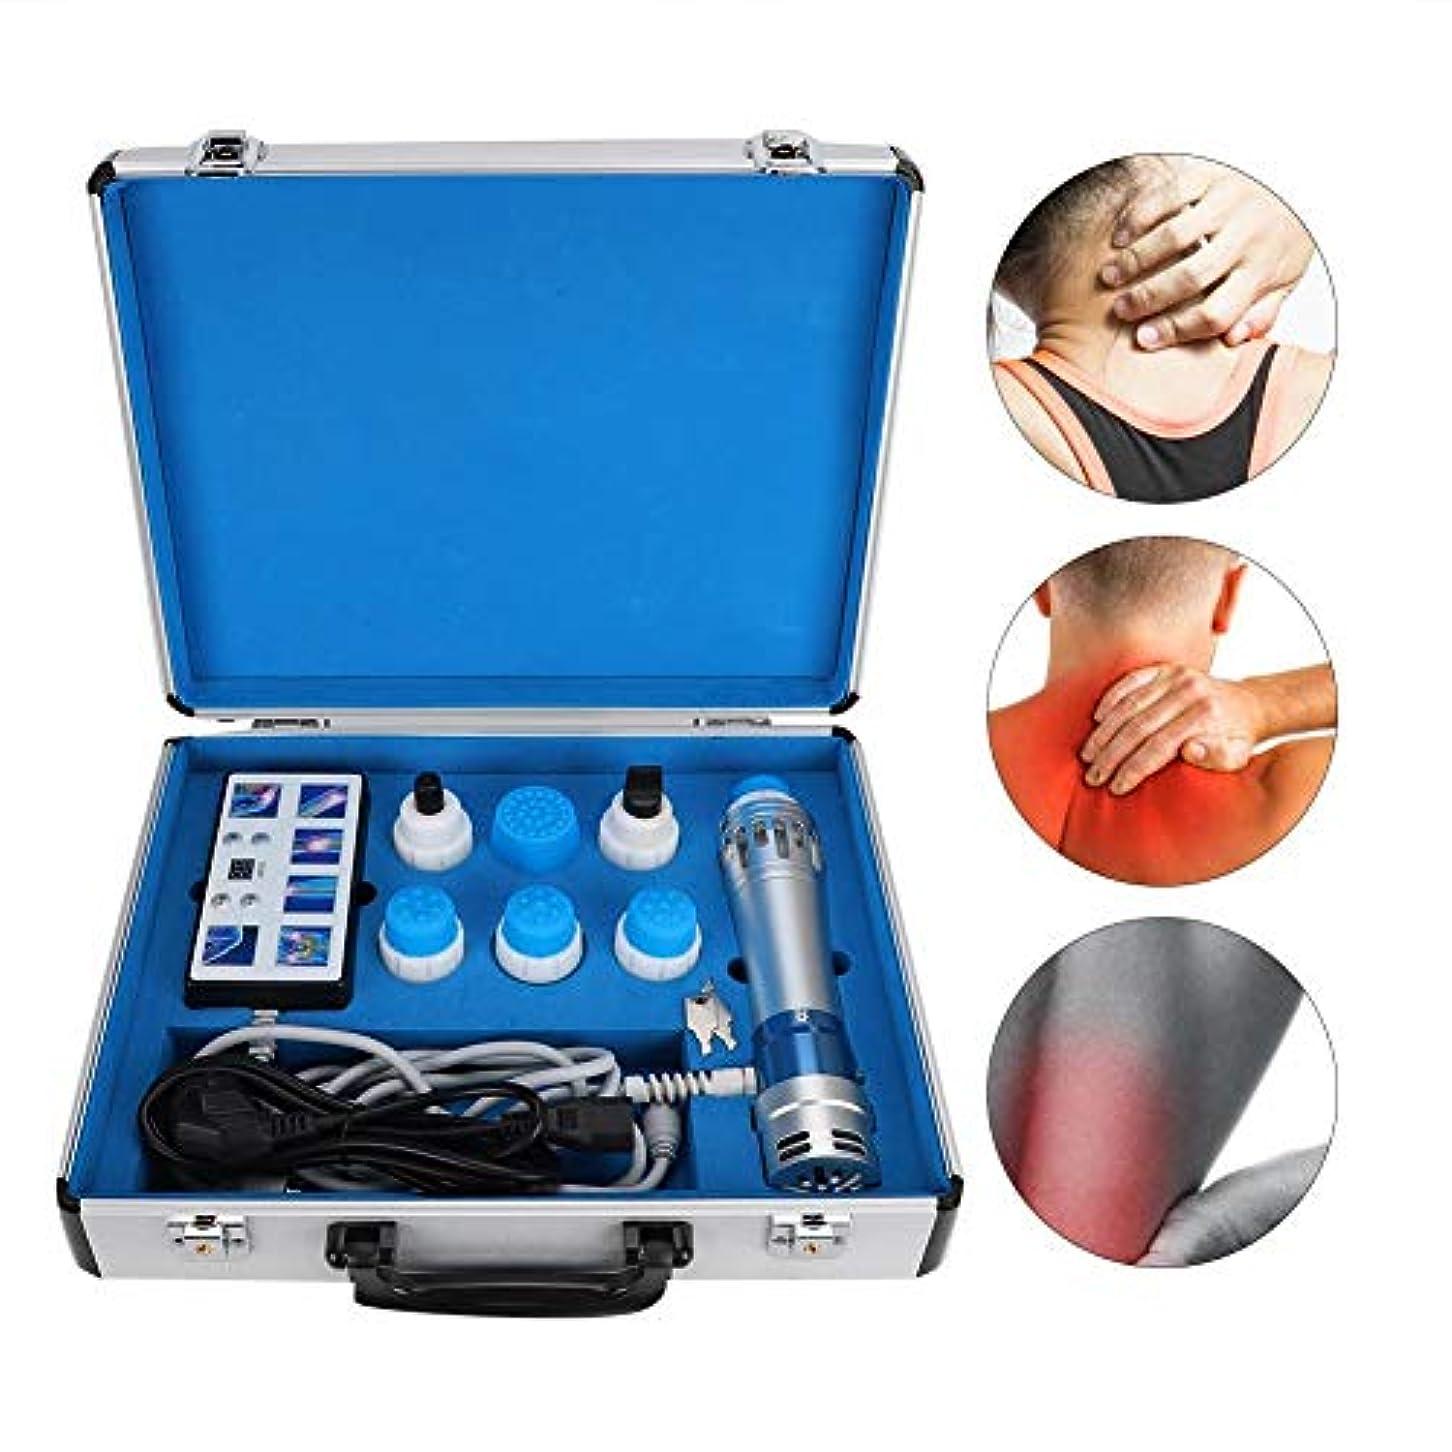 セーブ展開する許可するED体外衝撃波治療器、多機能疼痛緩和マッサージ器(USプラグ110V)